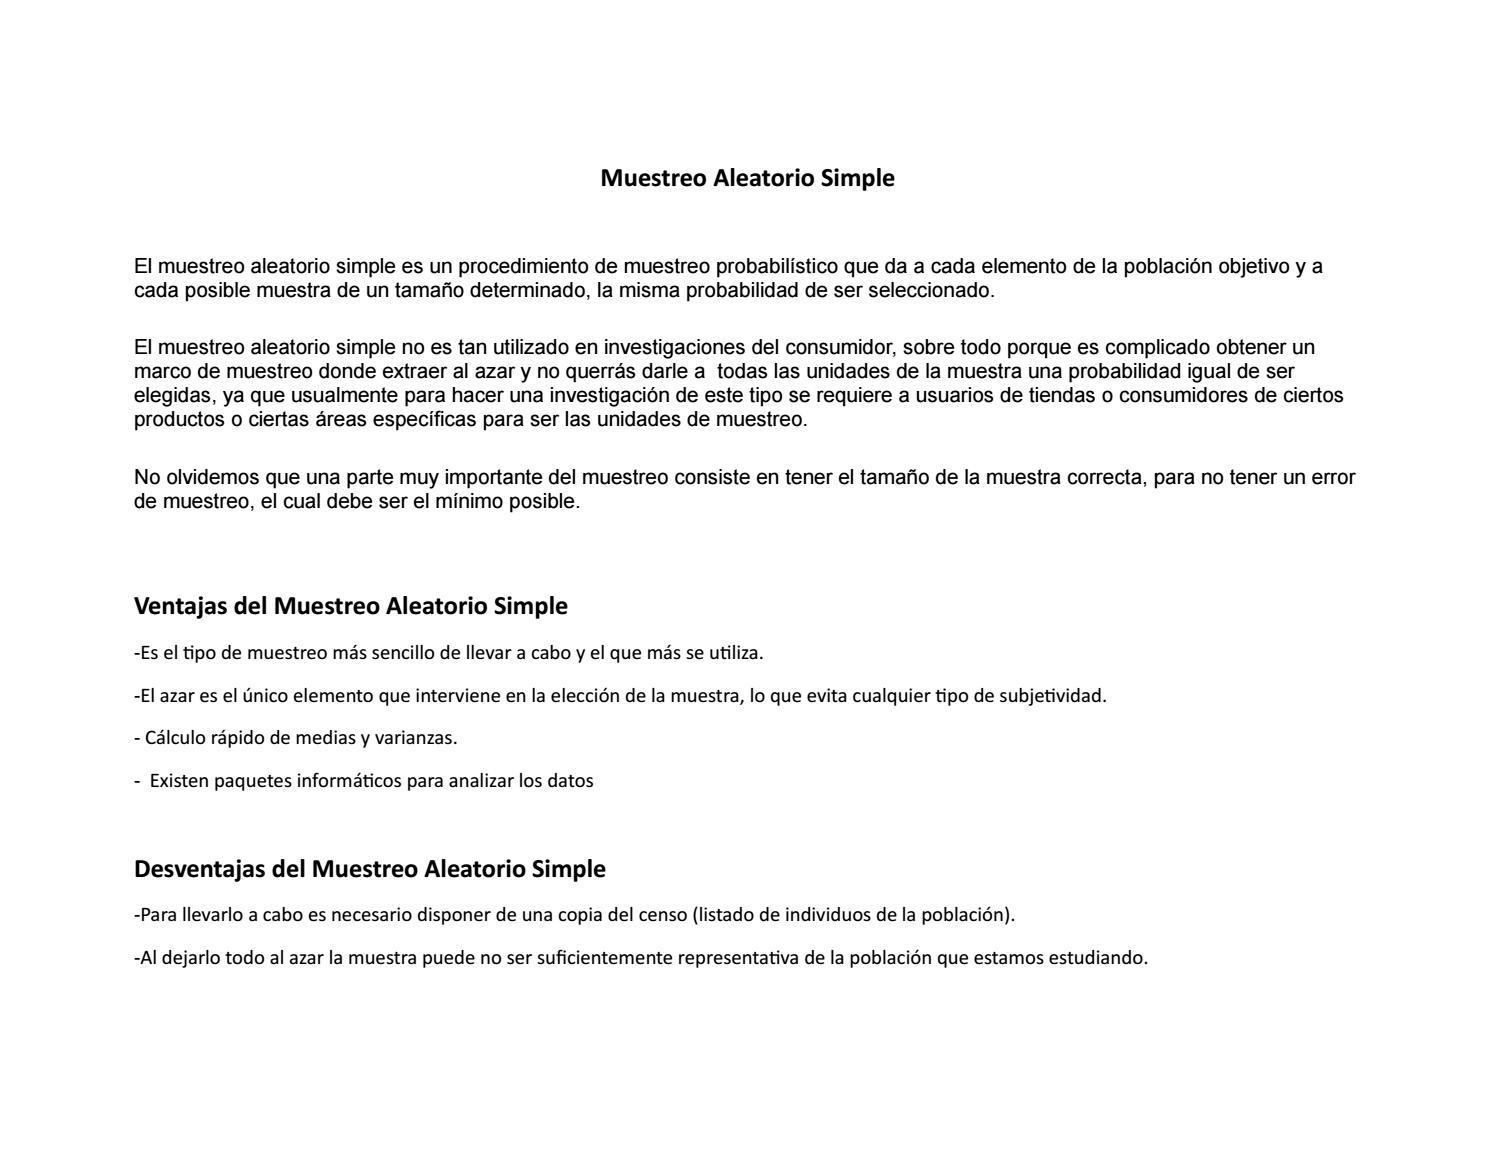 Muestreo aleatorio simpleee trabajo by eduarc175 - issuu